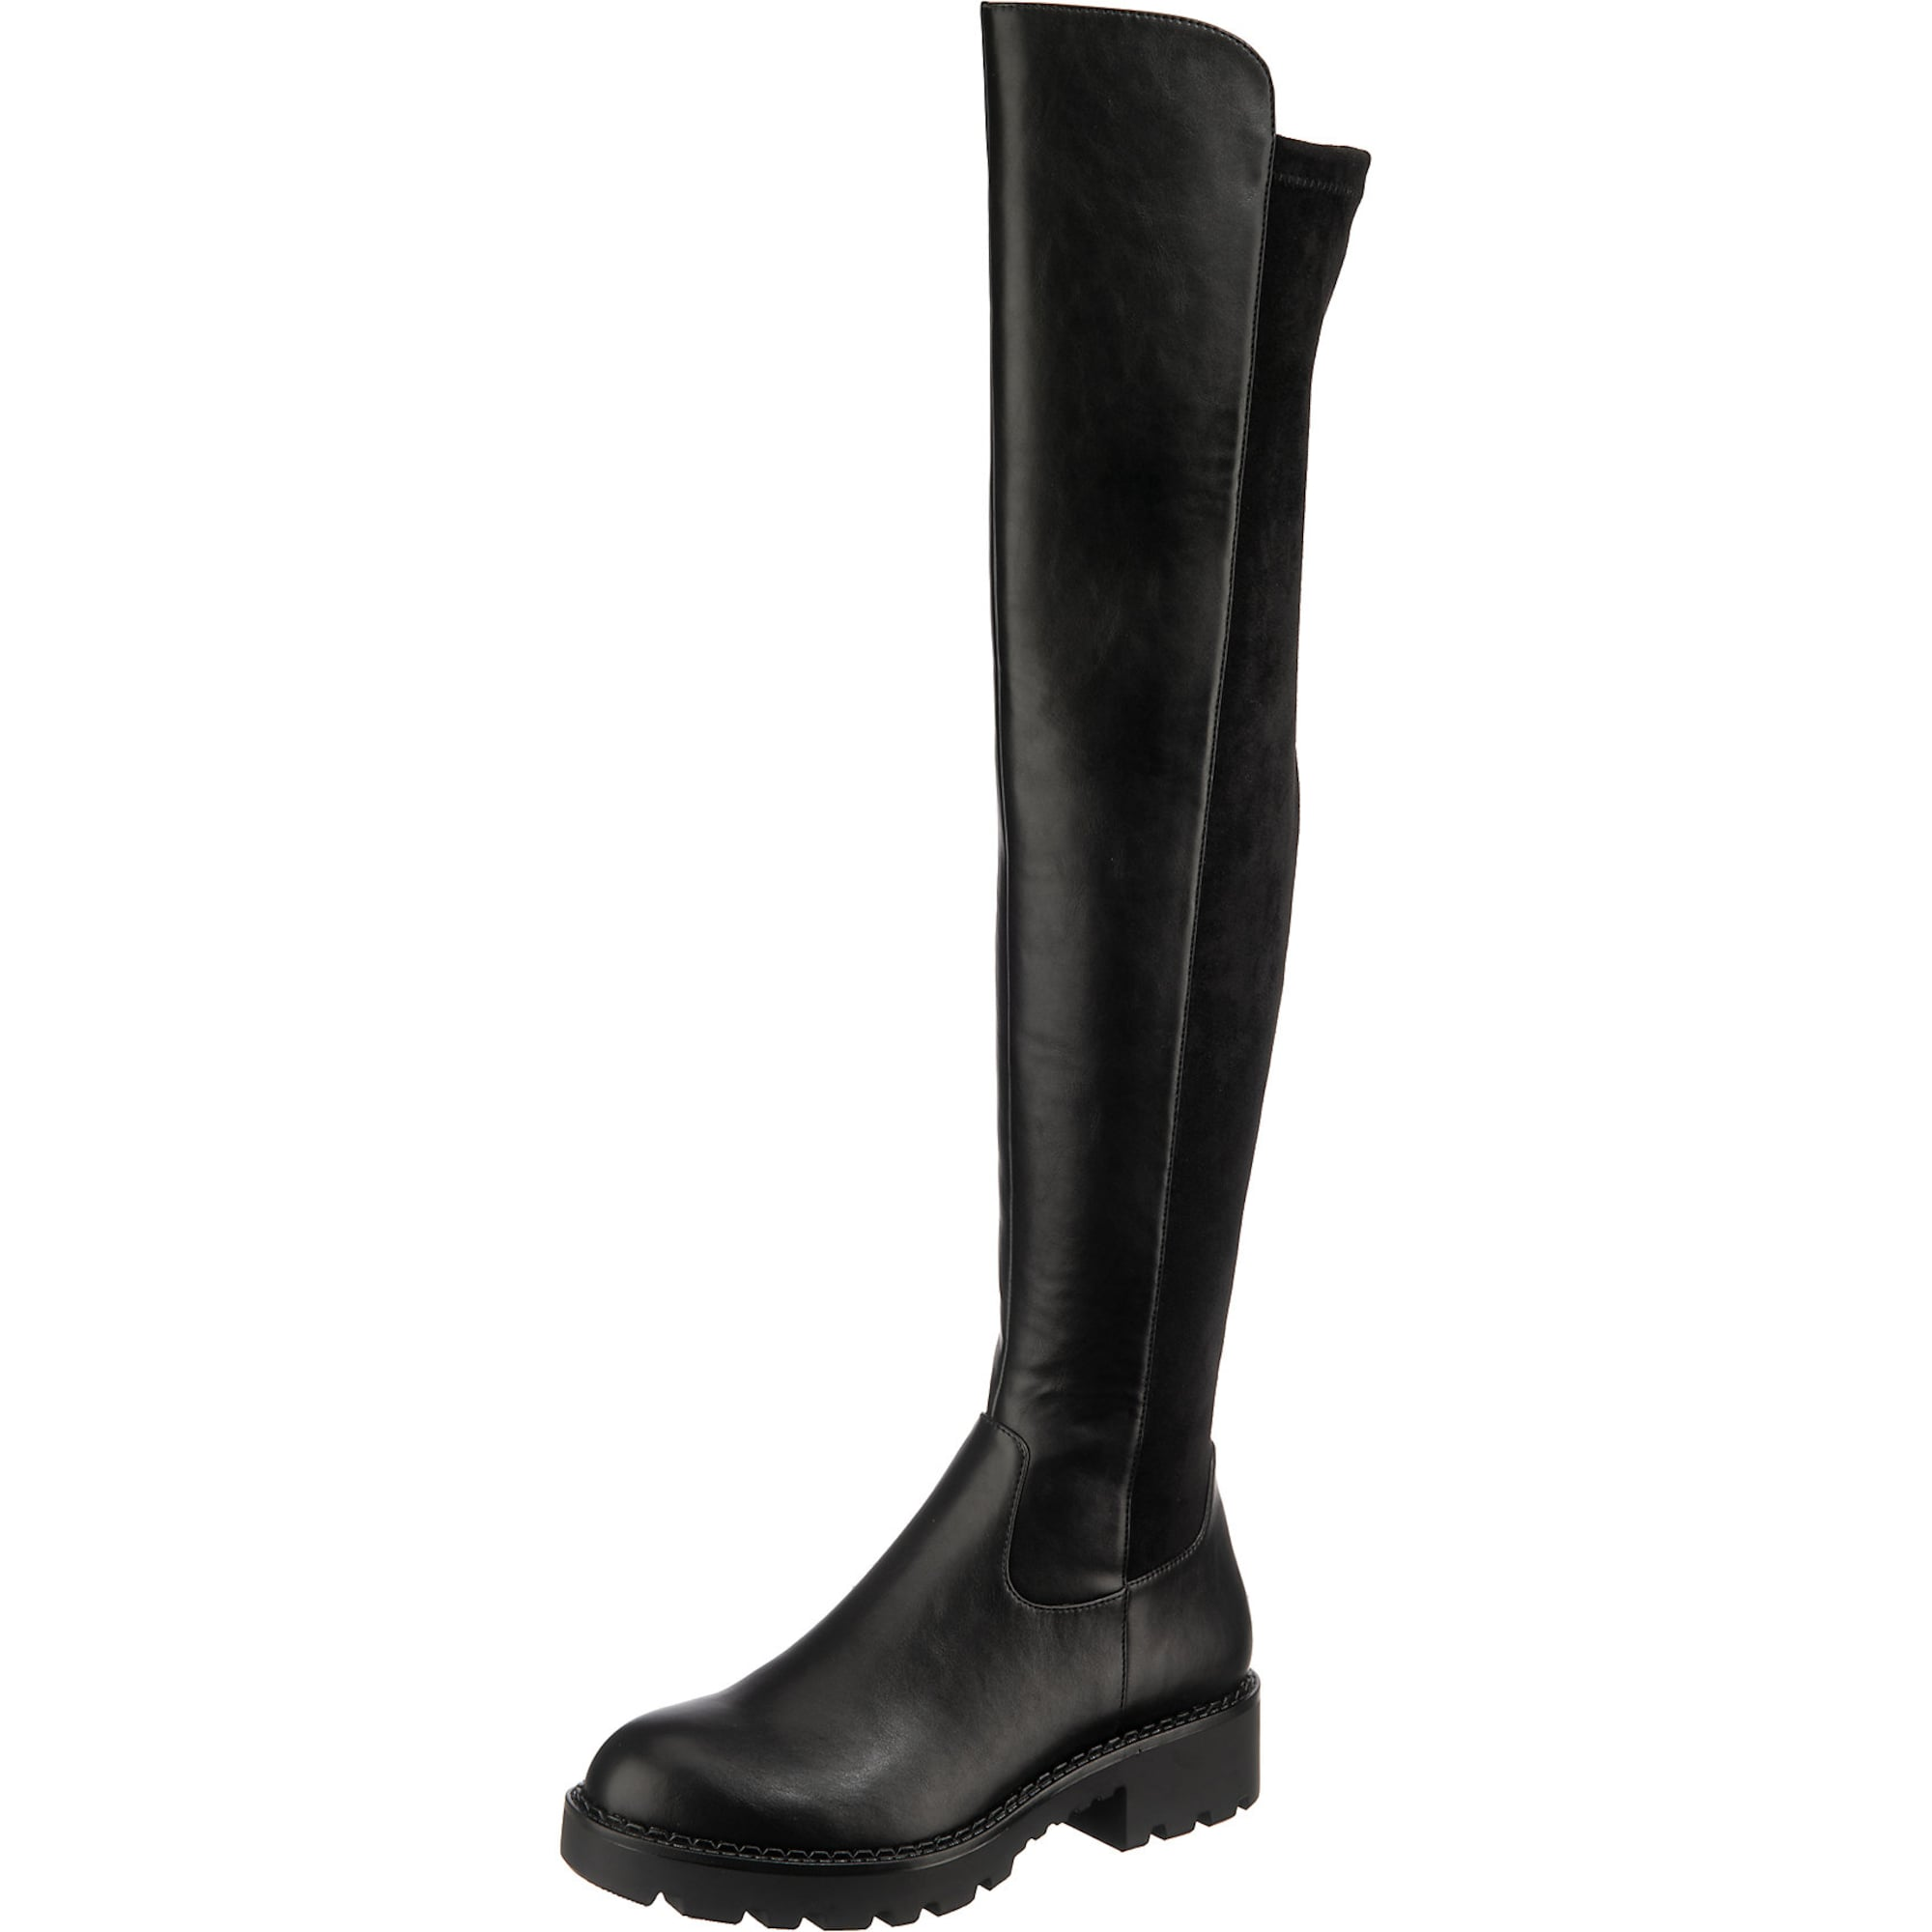 BUFFALO Ilgaauliai batai virš kelių 'MIREYA' juoda